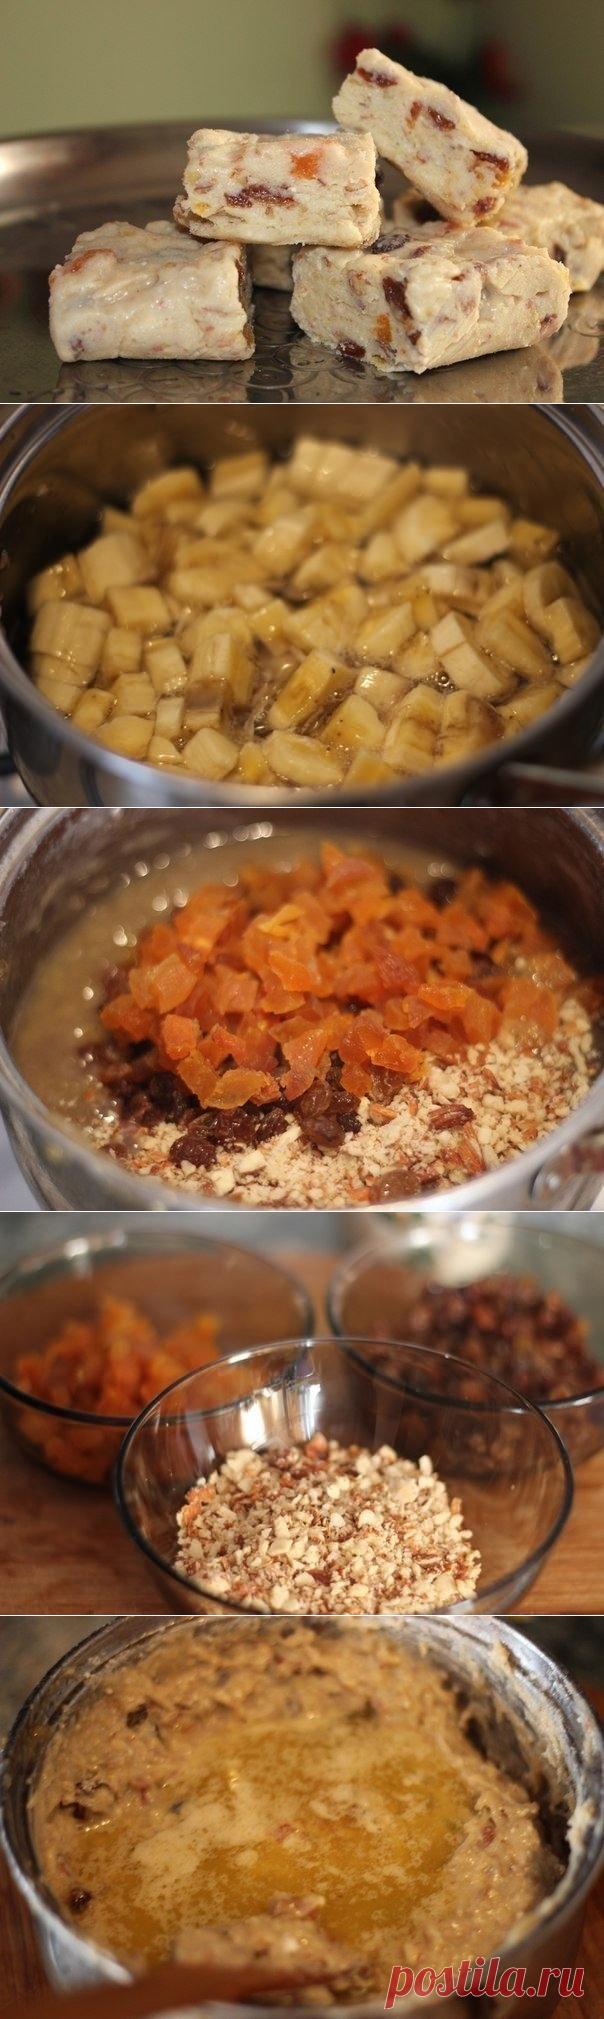 Пирог с орехами и сухофруктами рецепт